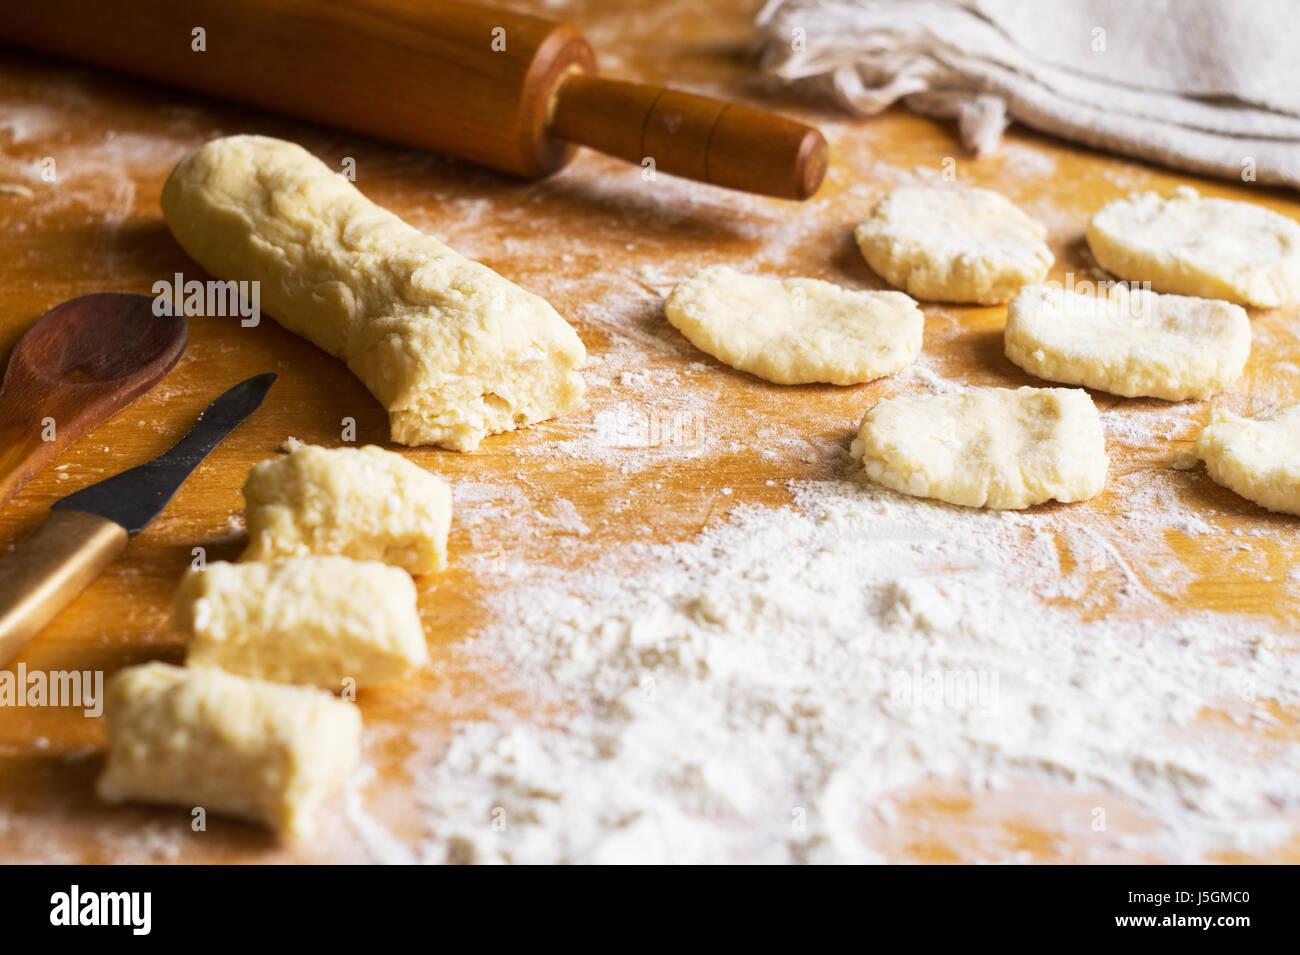 Teig Mehl Und Flache Kuchen Auf Dem Tisch Stockfoto Bild